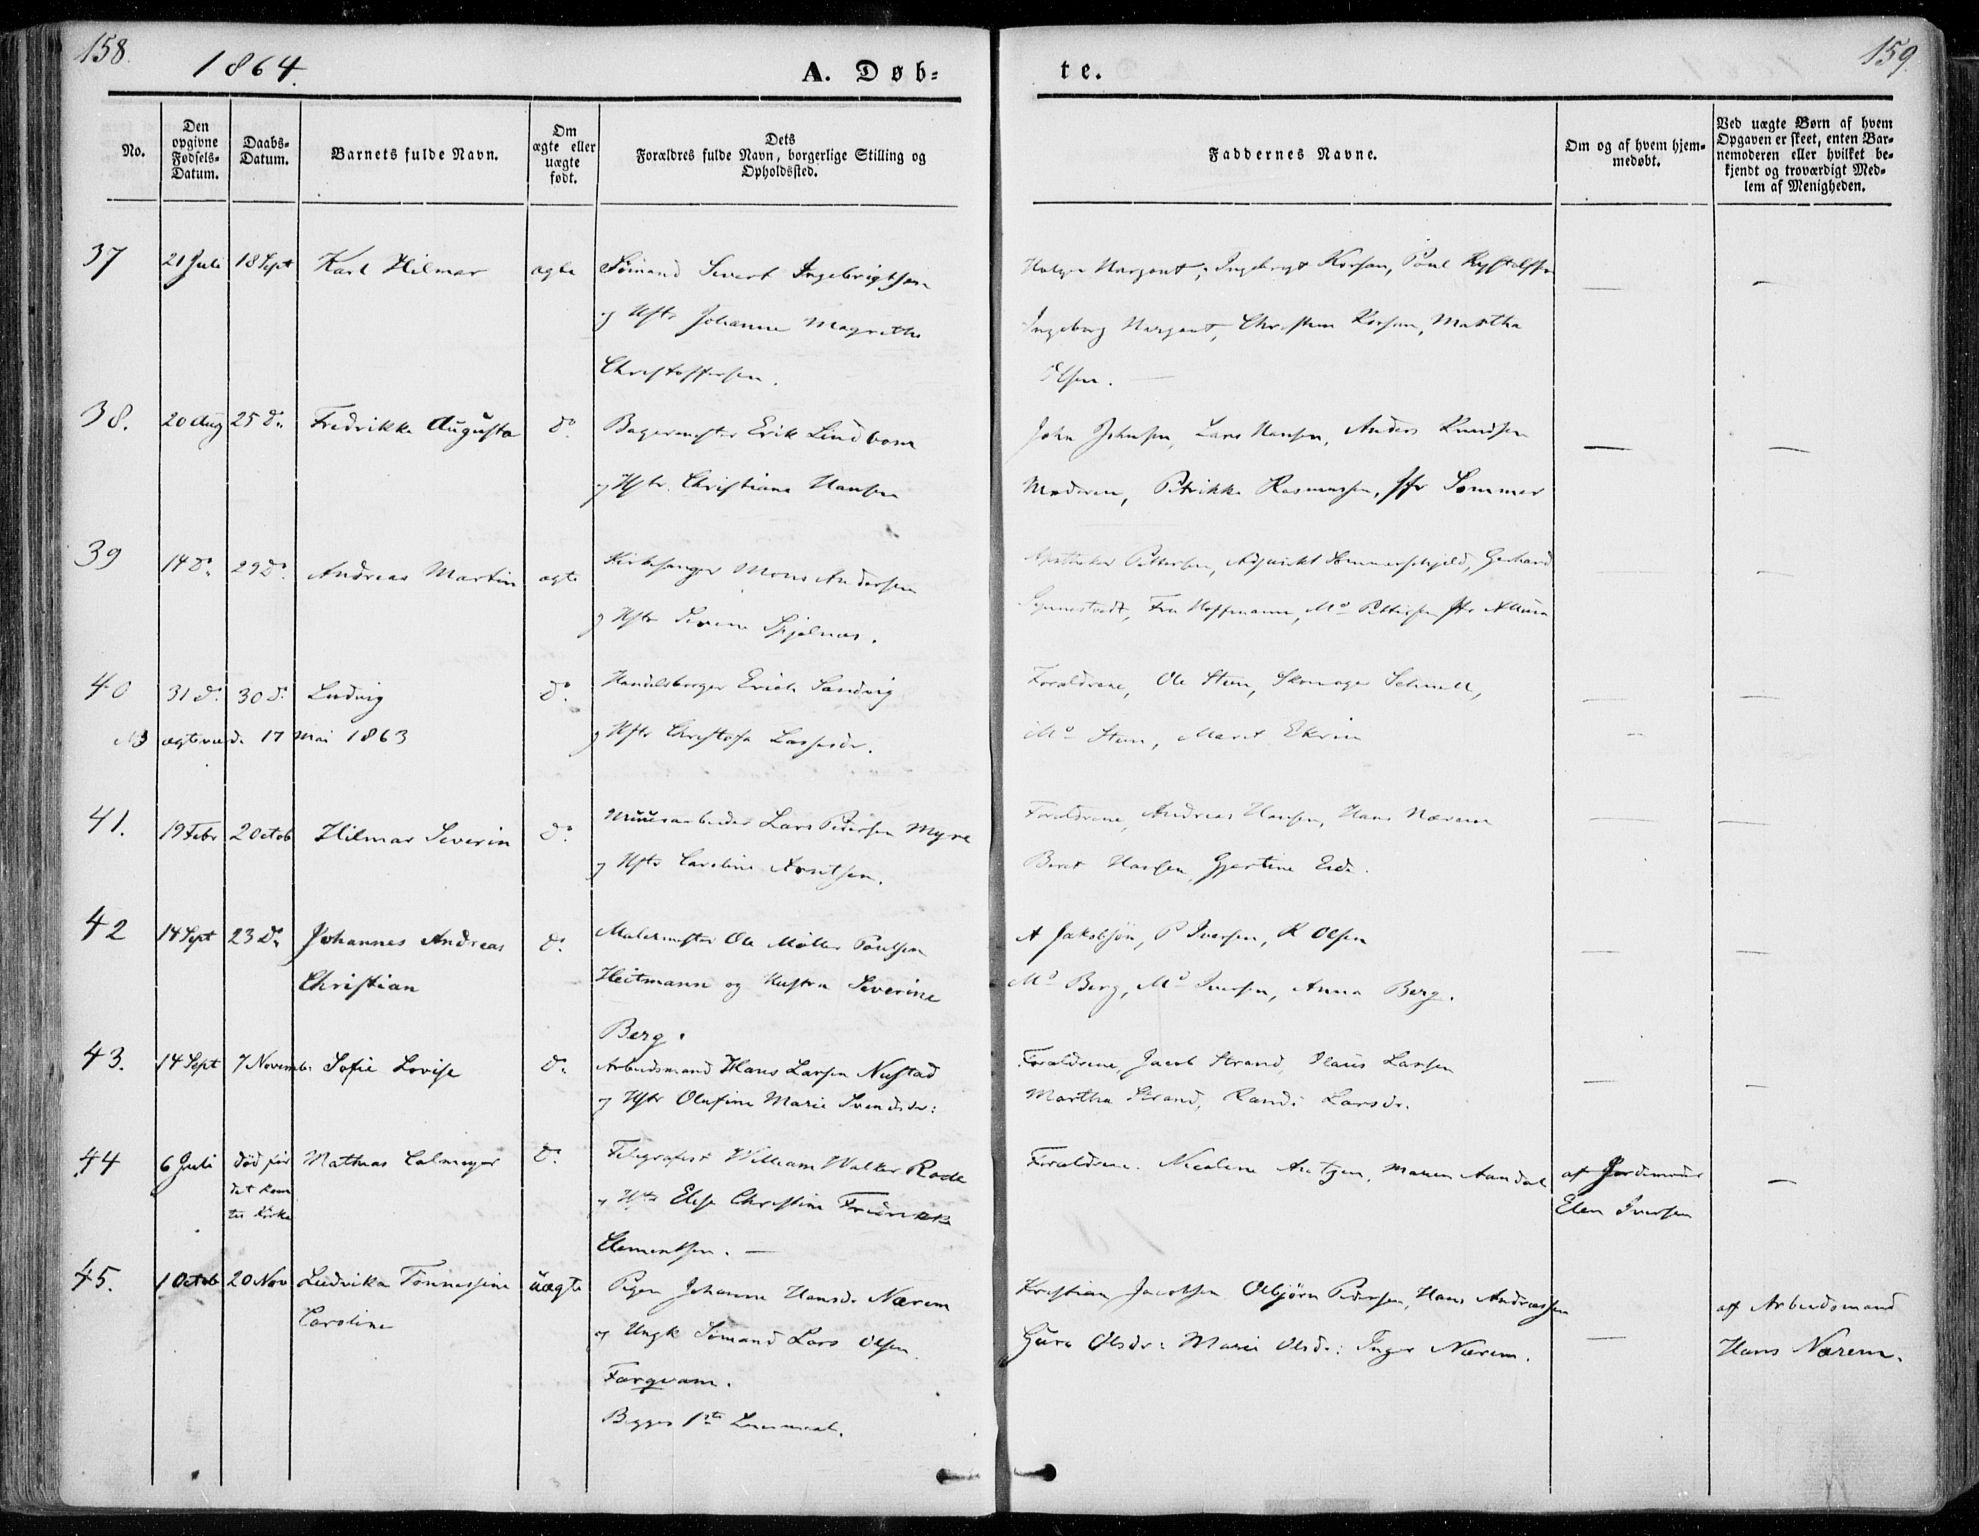 SAT, Ministerialprotokoller, klokkerbøker og fødselsregistre - Møre og Romsdal, 558/L0689: Parish register (official) no. 558A03, 1843-1872, p. 158-159